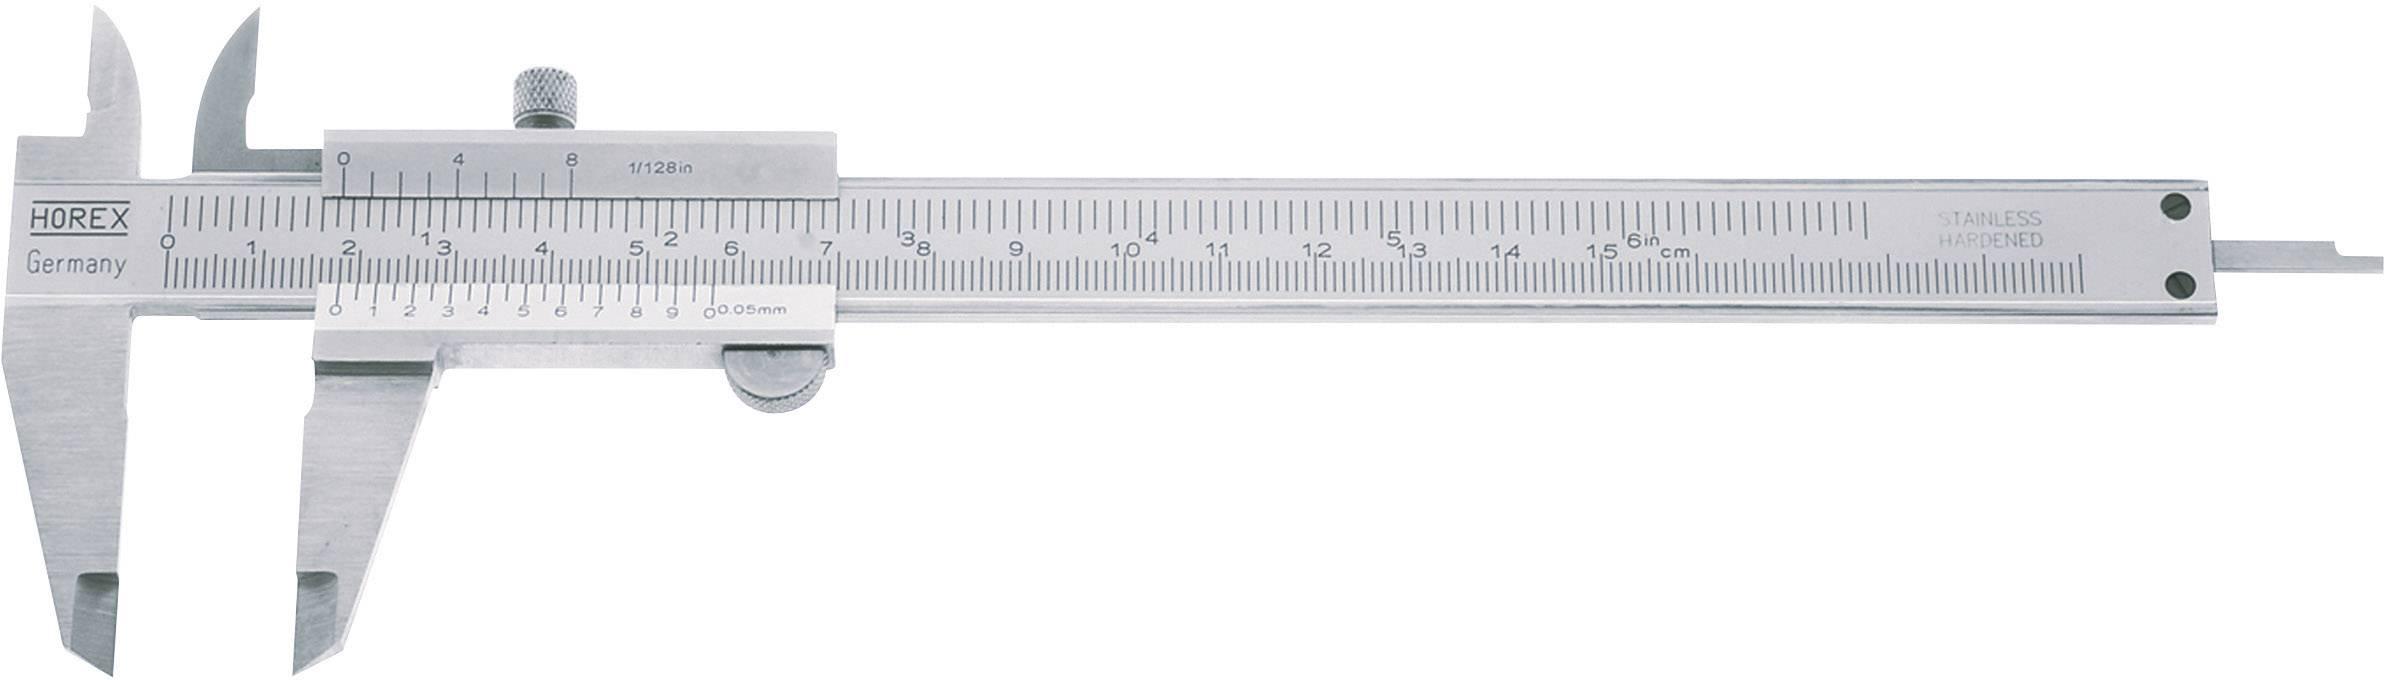 Kapesní posuvné měřítko Horex 2226510, měřicí rozsah 100 mm, Kalibrováno dle podnikový standard (bez certifikátu) (own)